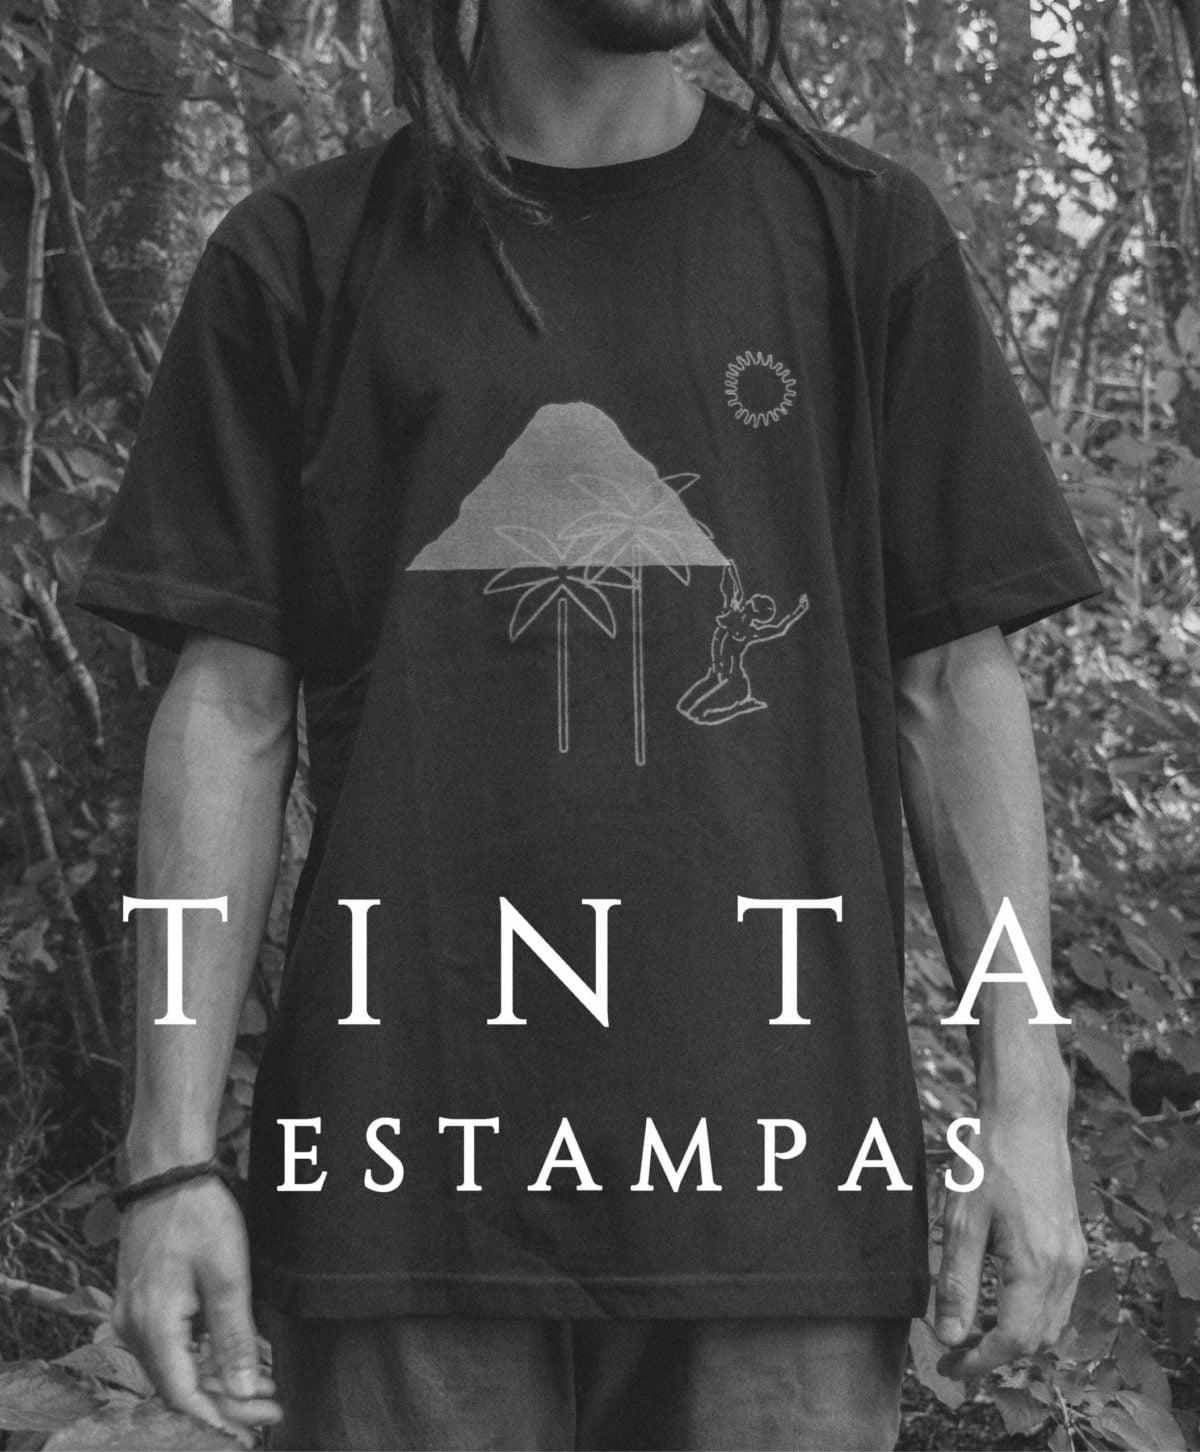 TINTA ESTAMPAS